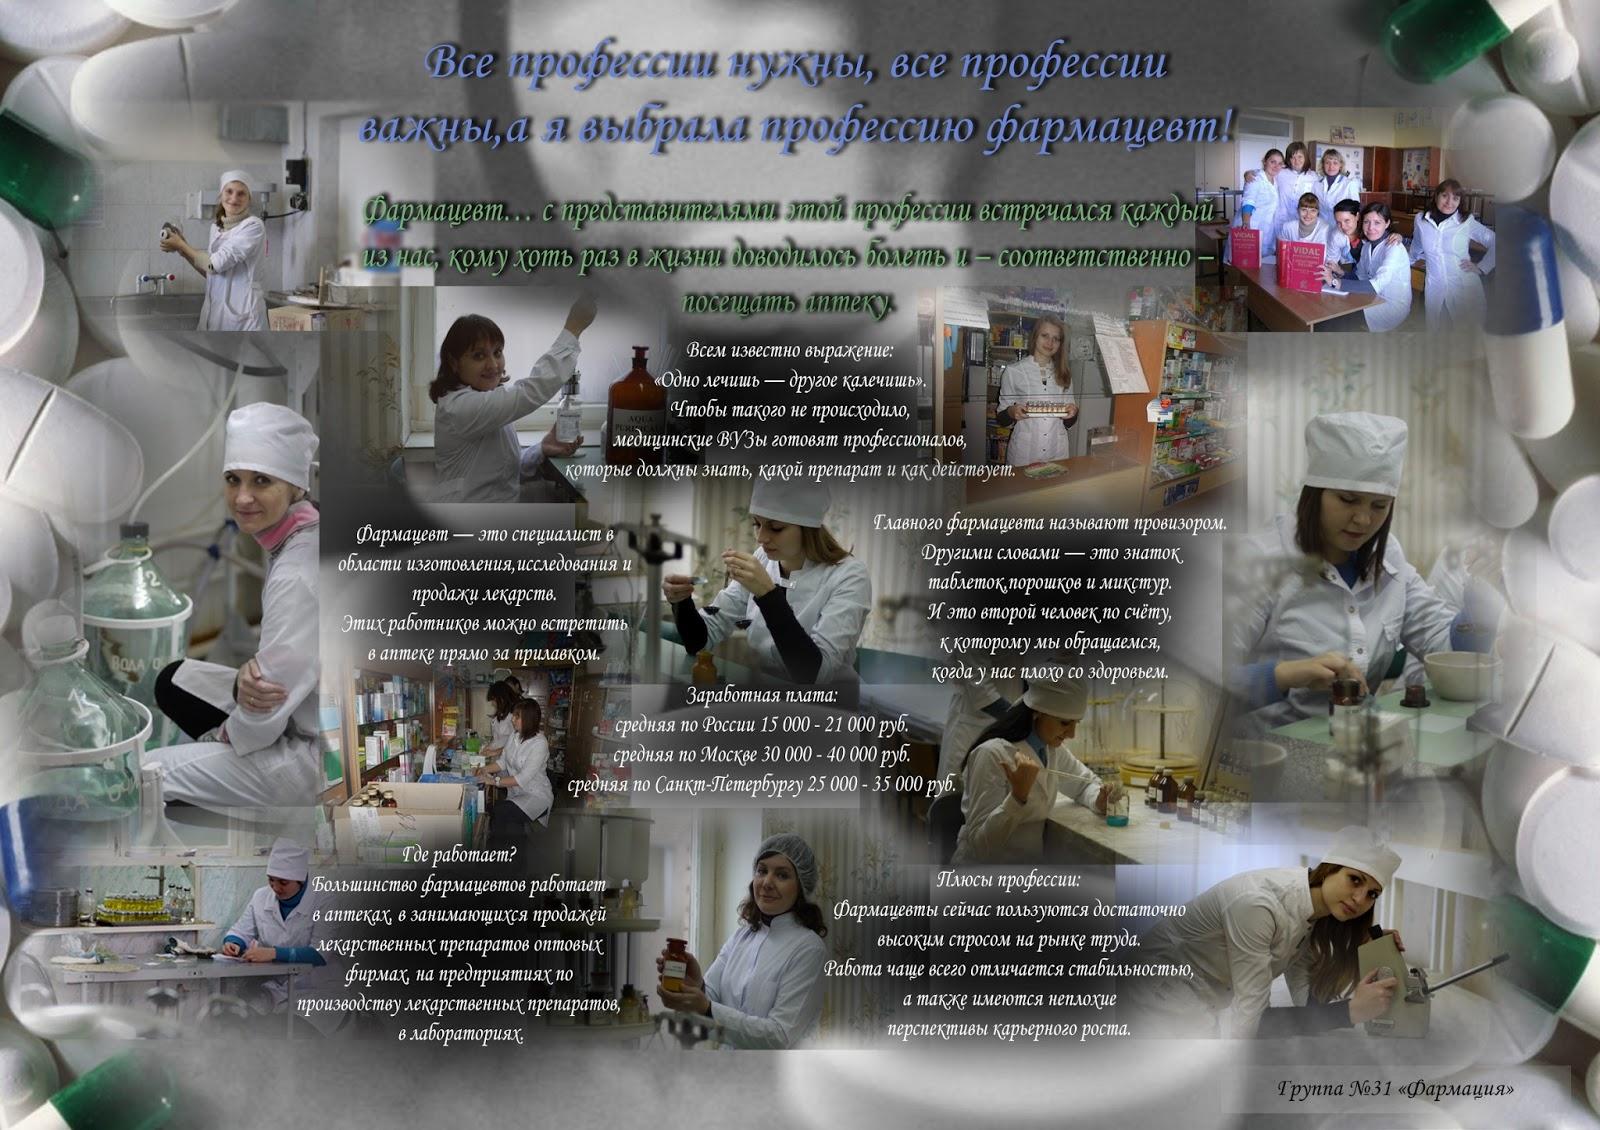 Поздравления фармацевту с днем рождения - Поздравок 82